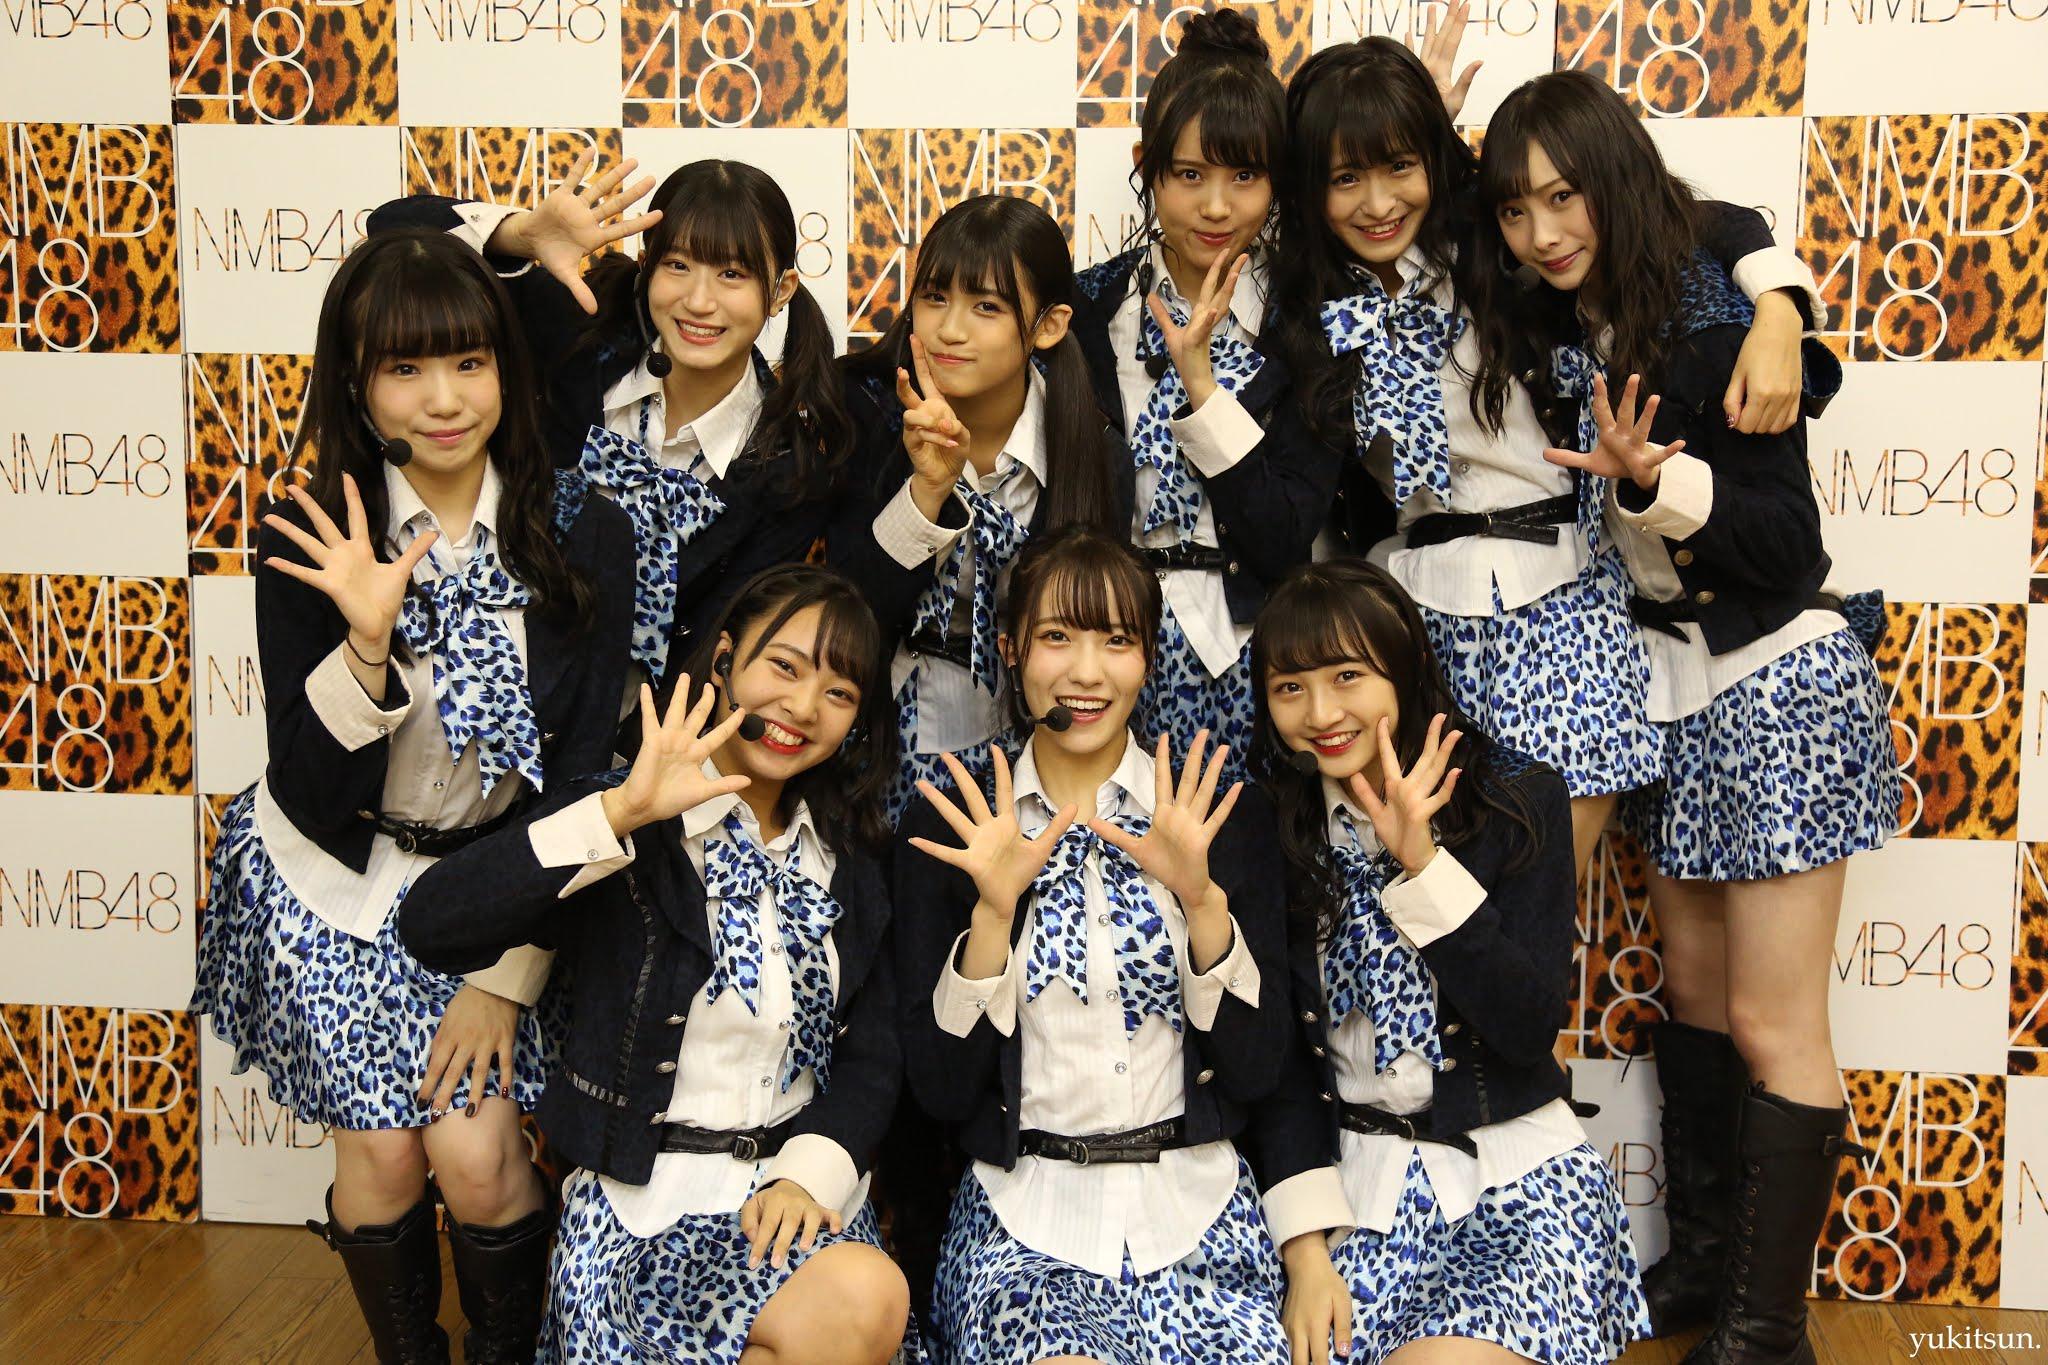 shinjidai-113